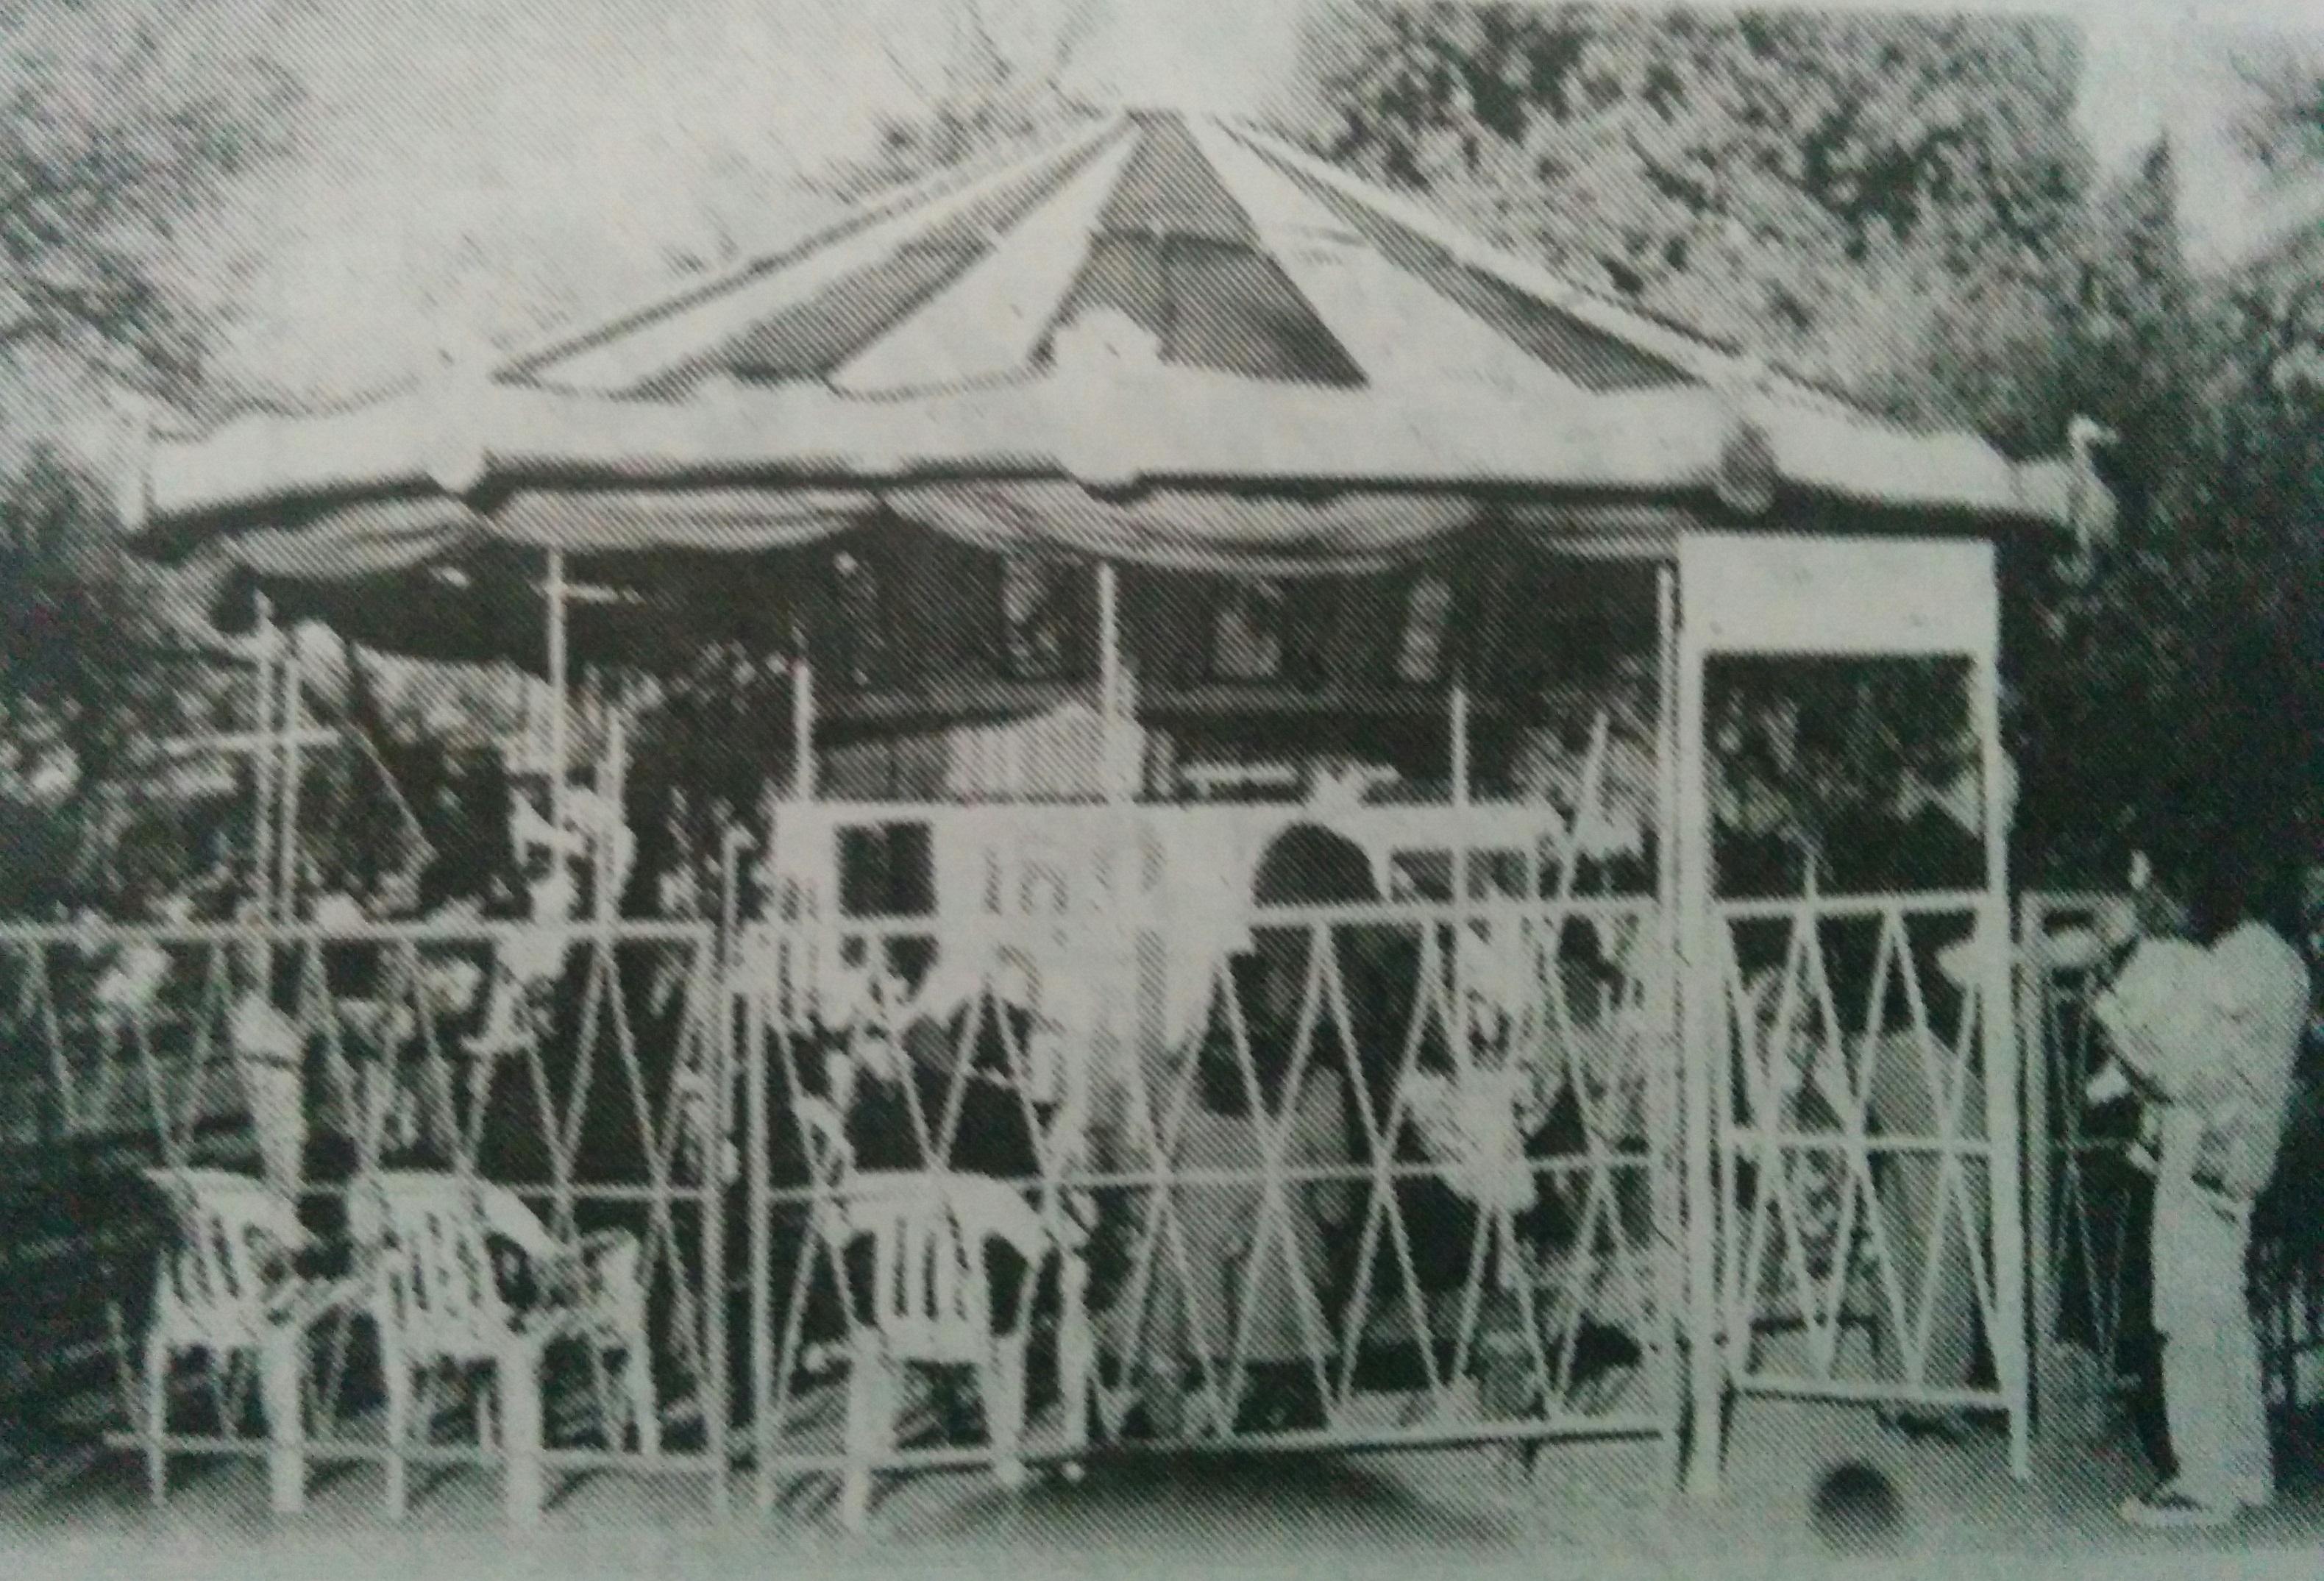 La tradicional y querida Calesita de Mariela, que viene girando, desde 1965…